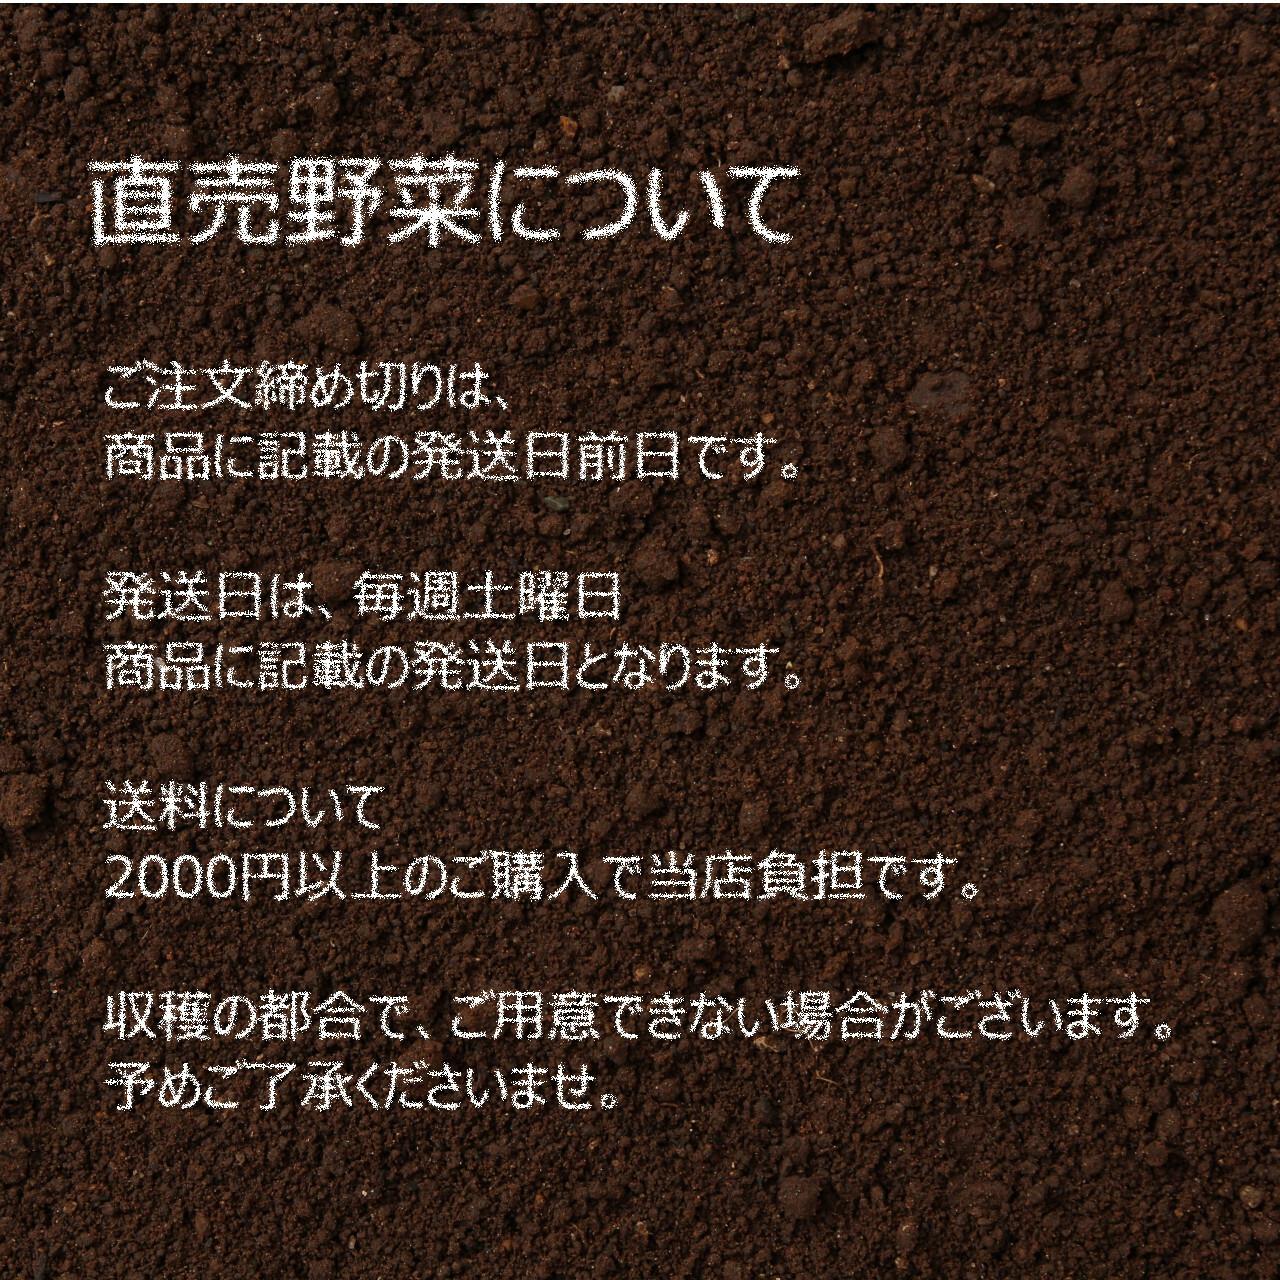 8月の朝採り直売野菜 : 大葉 約100g 8月の新鮮夏野菜 8月10日発送予定